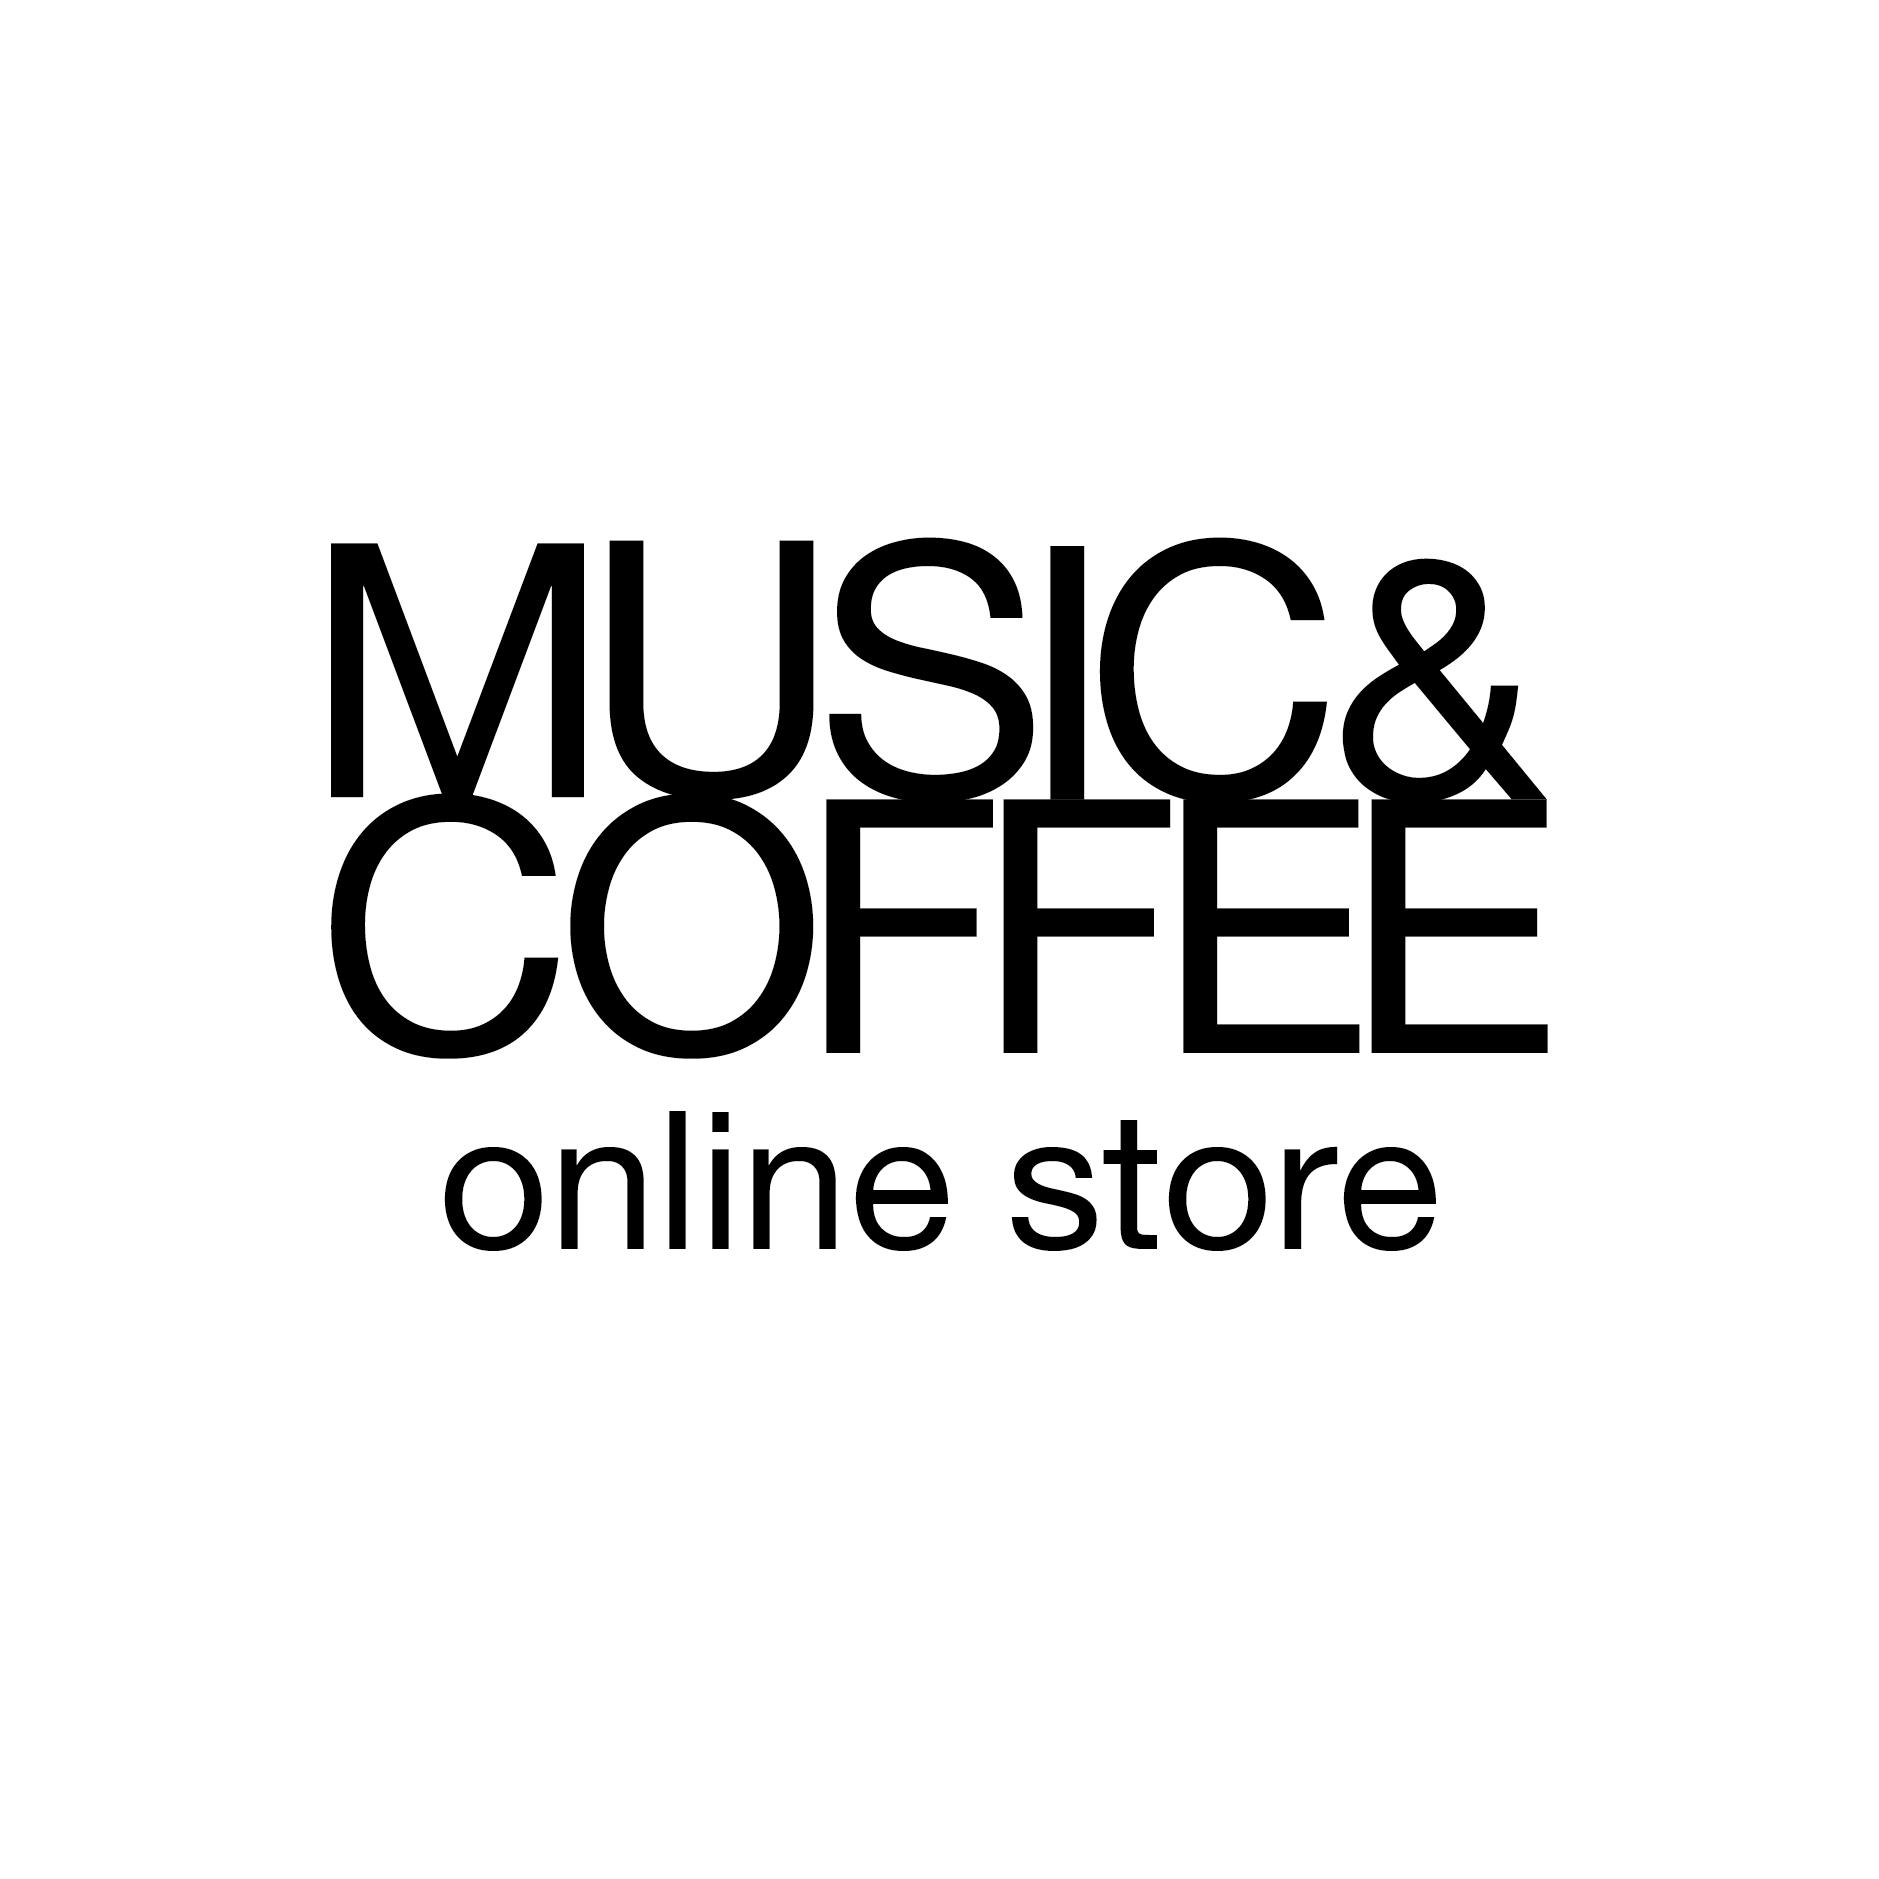 MUSIC&COFFEE